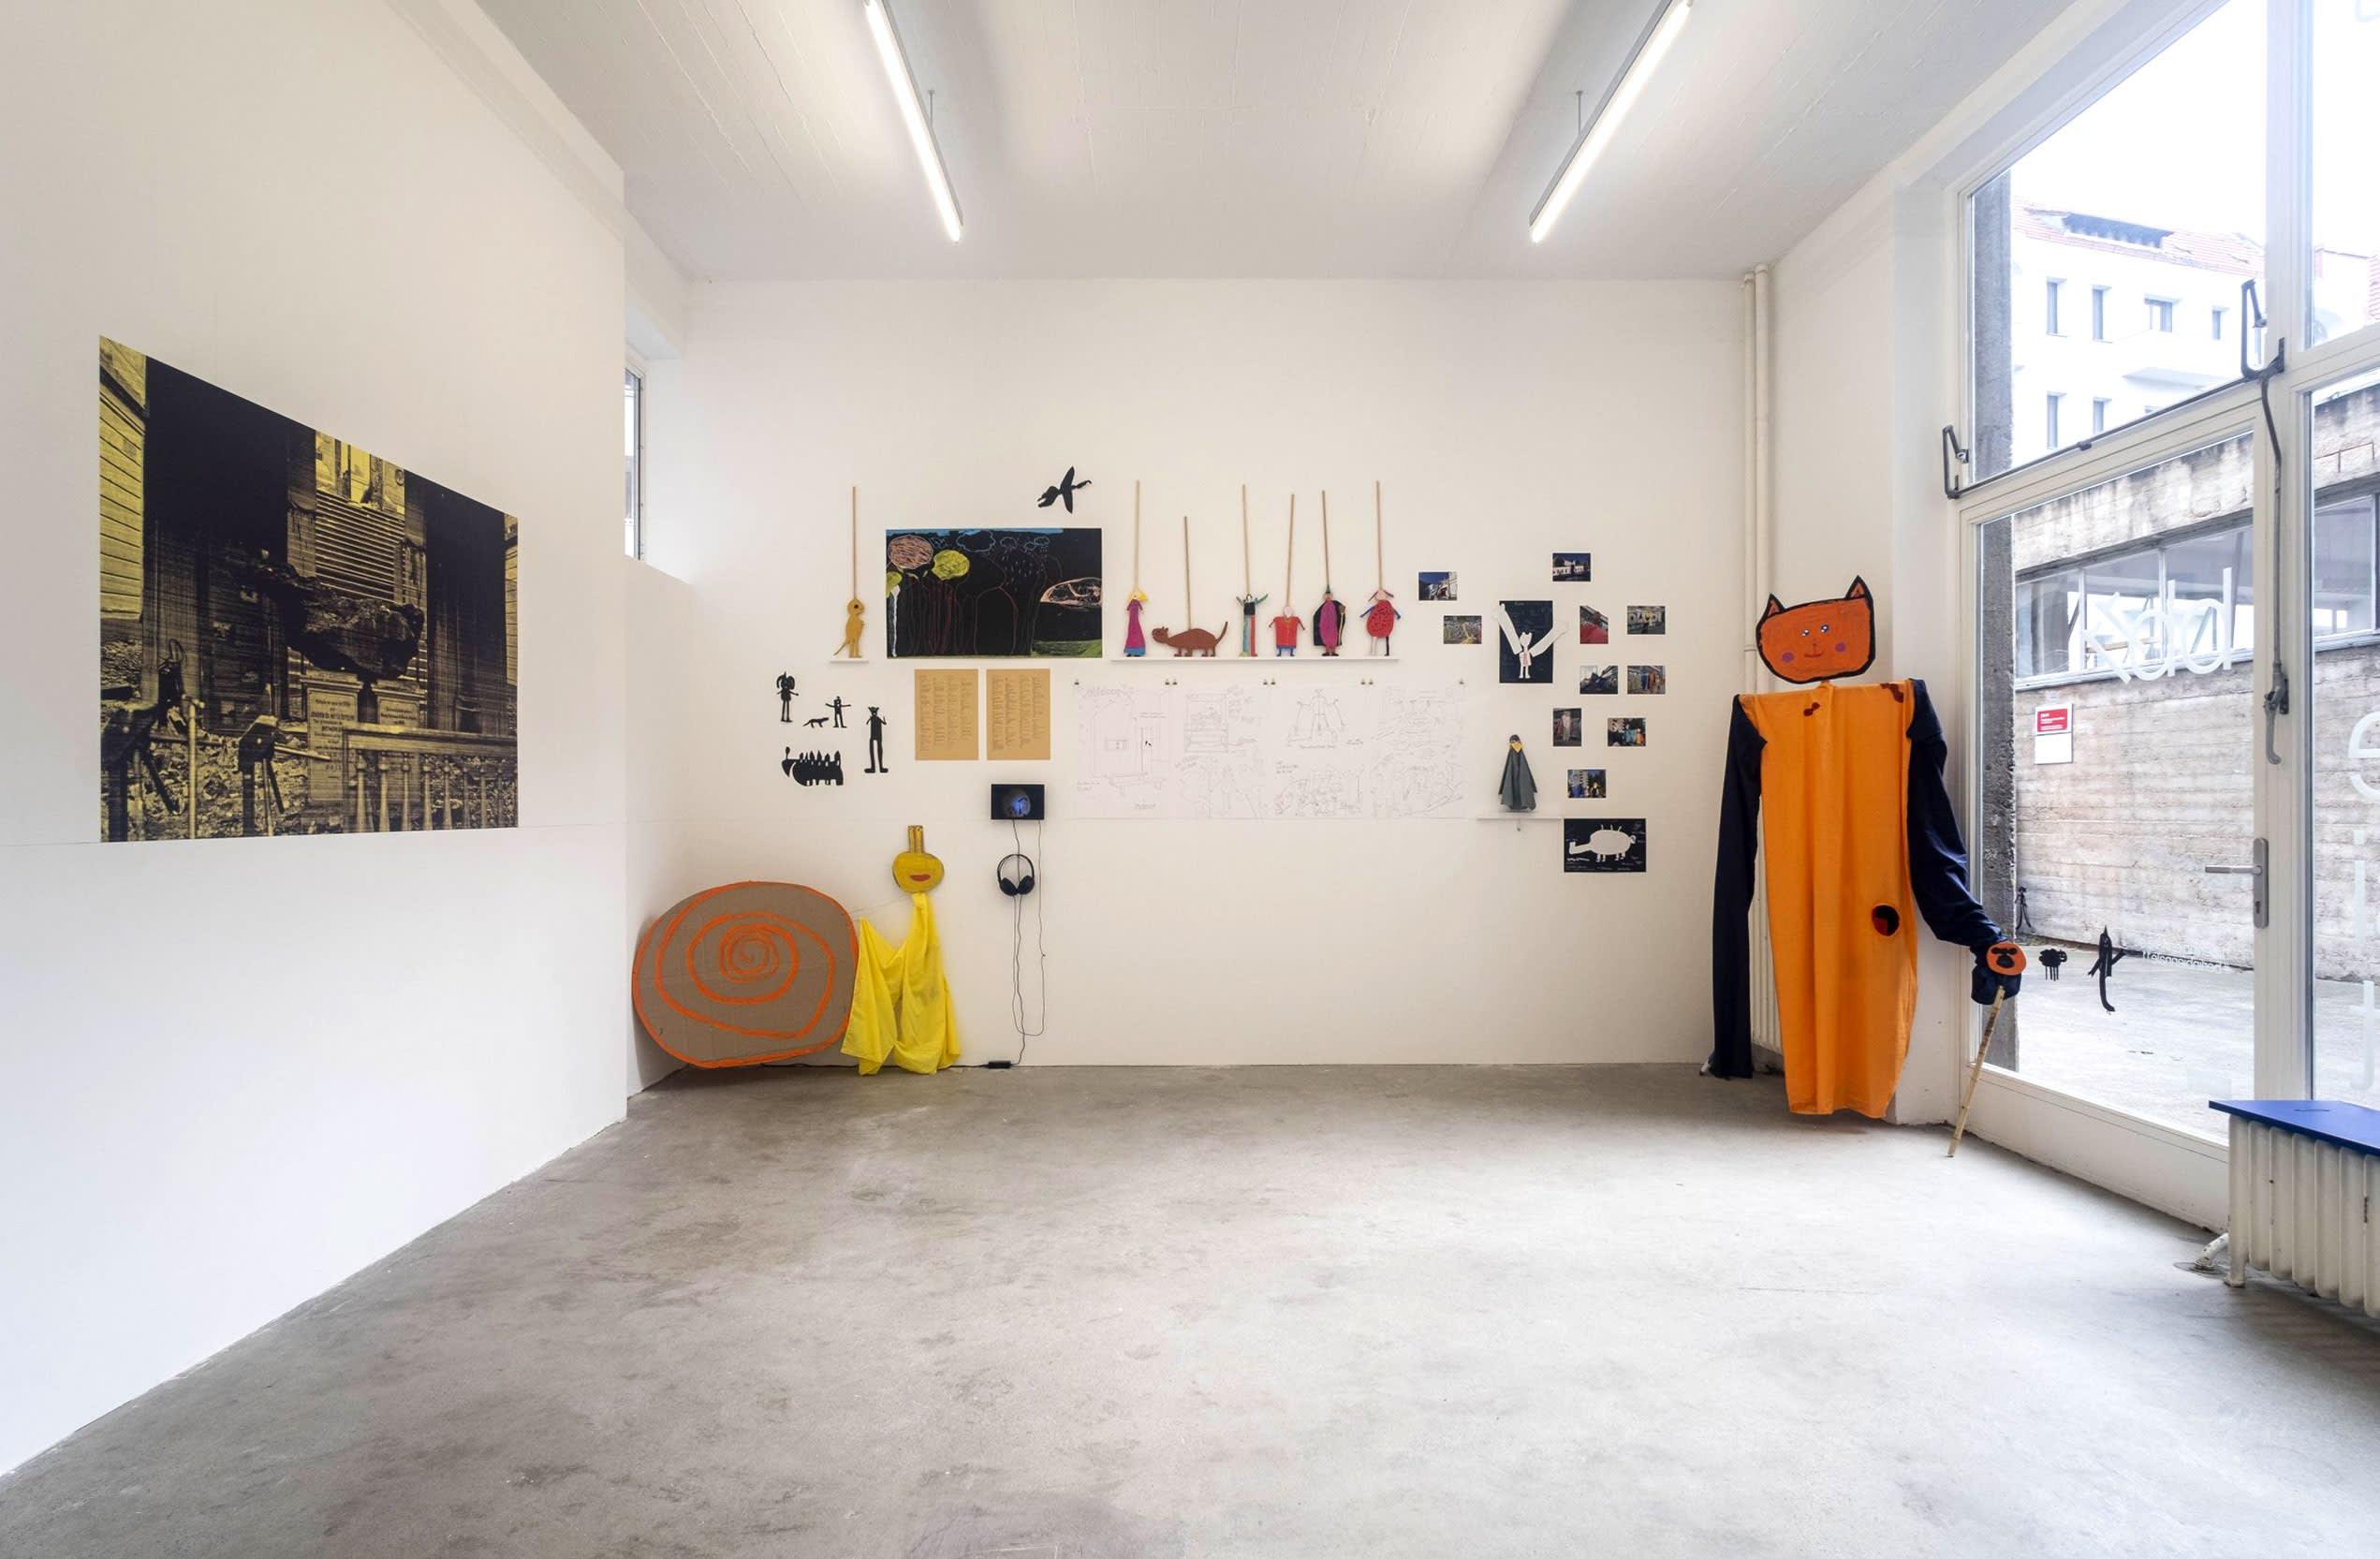 mirja reuter und florian gass, stories in motion, installation, berlin biennale